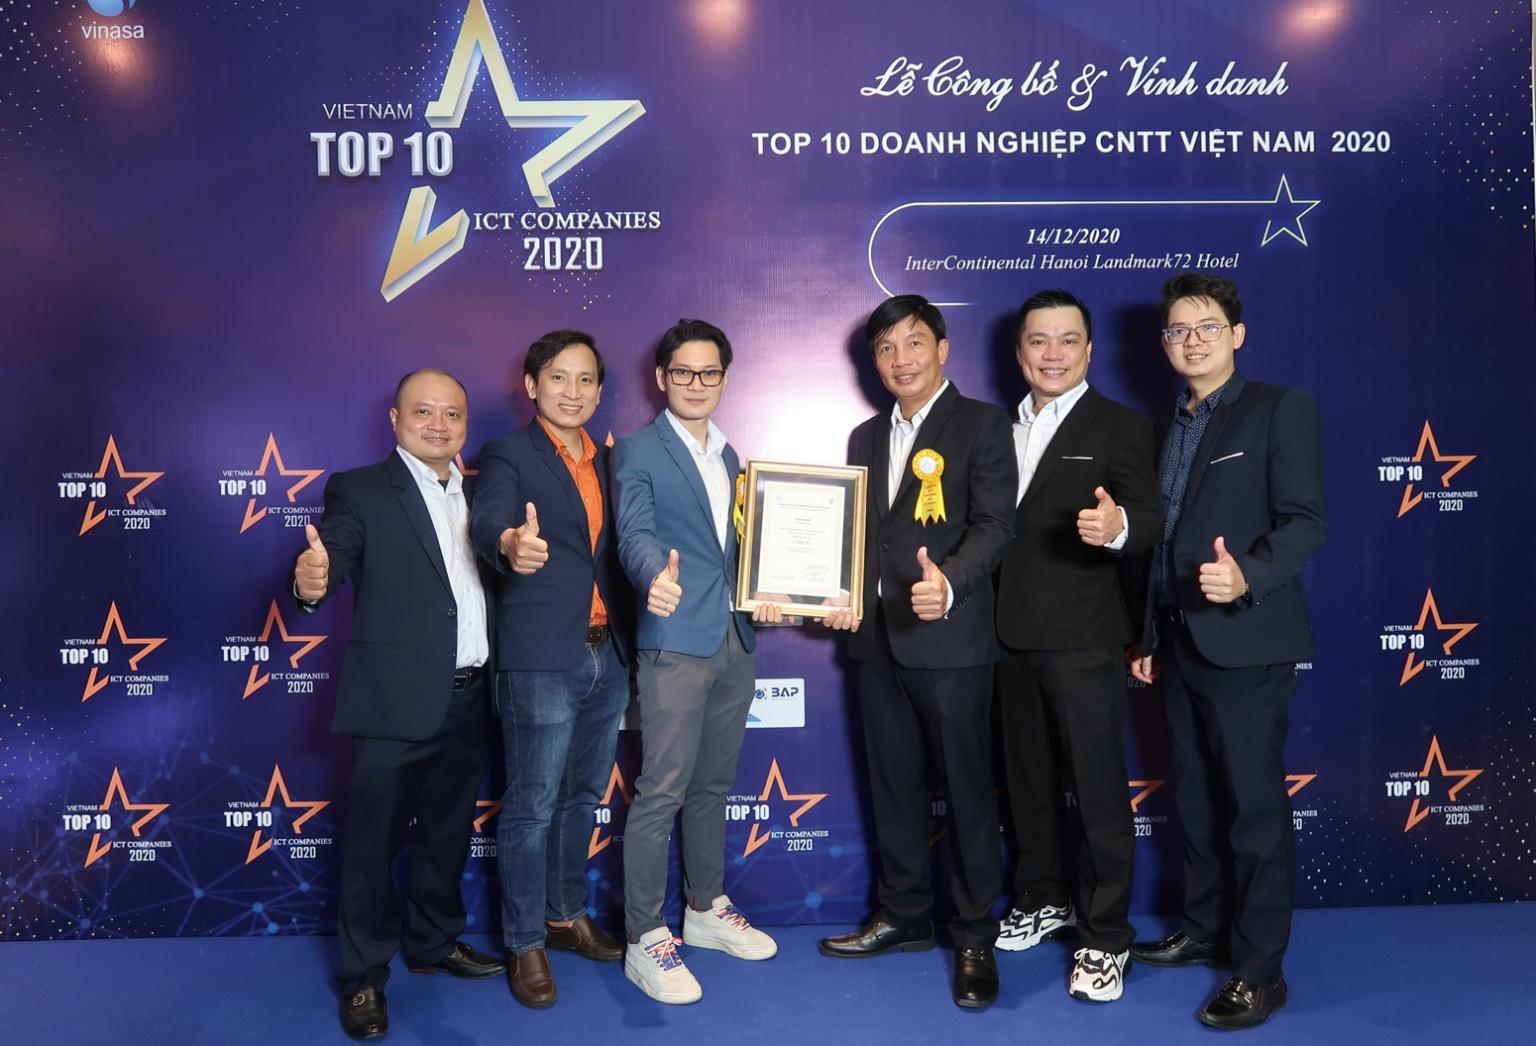 Thiên Tú tại giải thưởng top 10 doanh nghiệp BPO tại Việt Nam